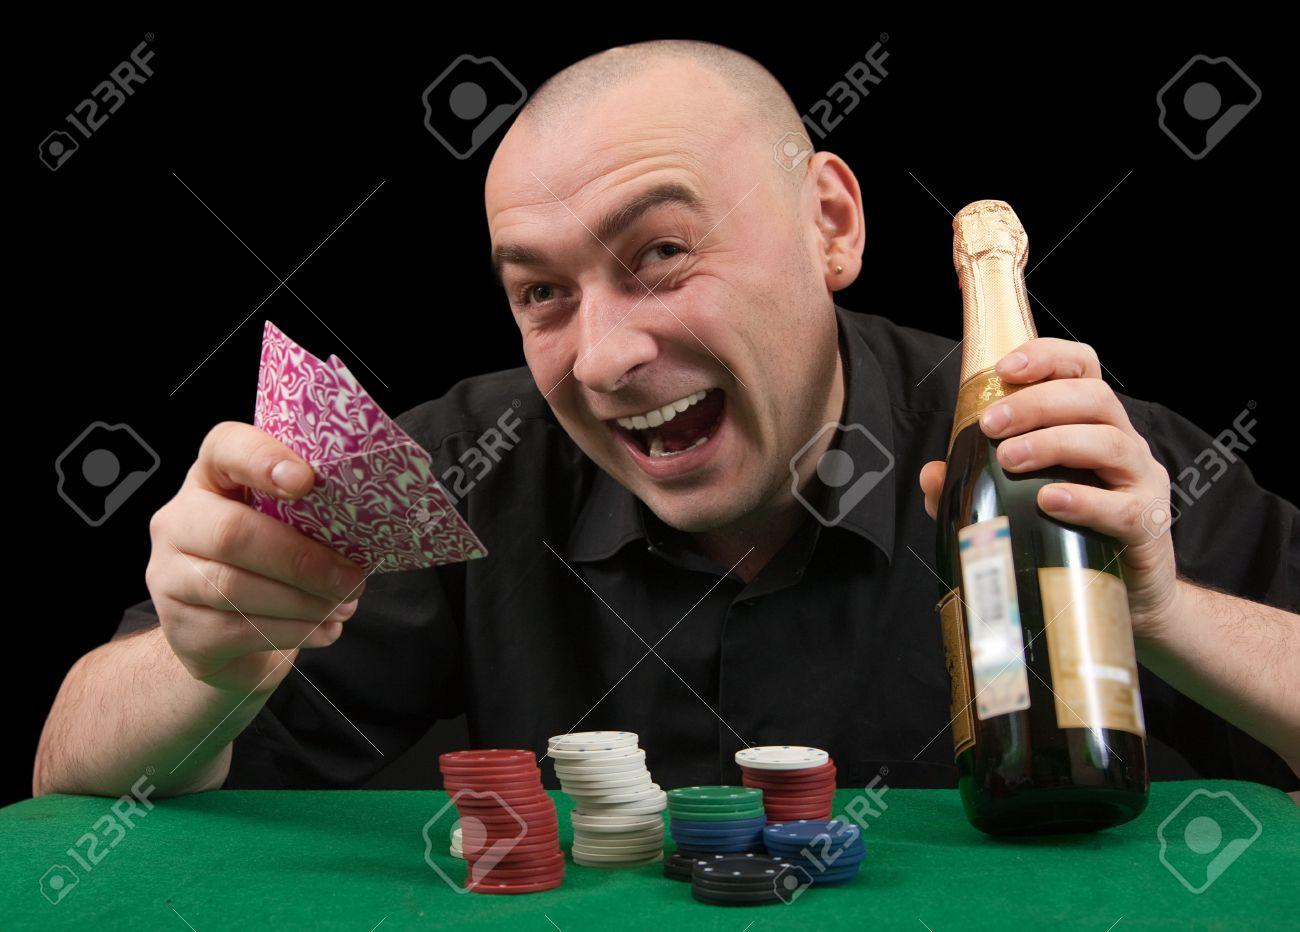 Трахнул крупье на столе в покер 13 фотография